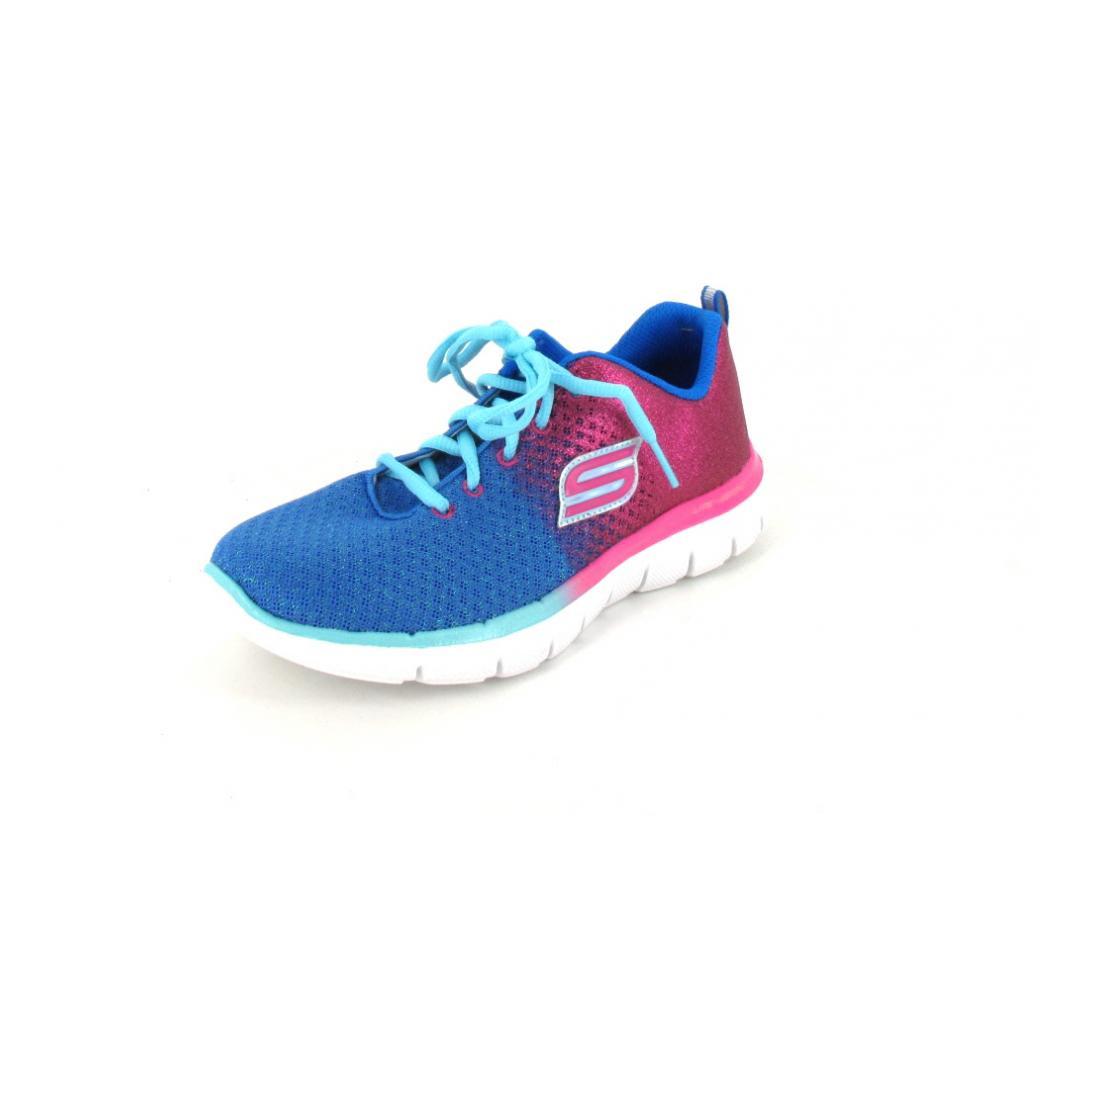 Skechers Sneaker APPEA 2.0 GET EM G